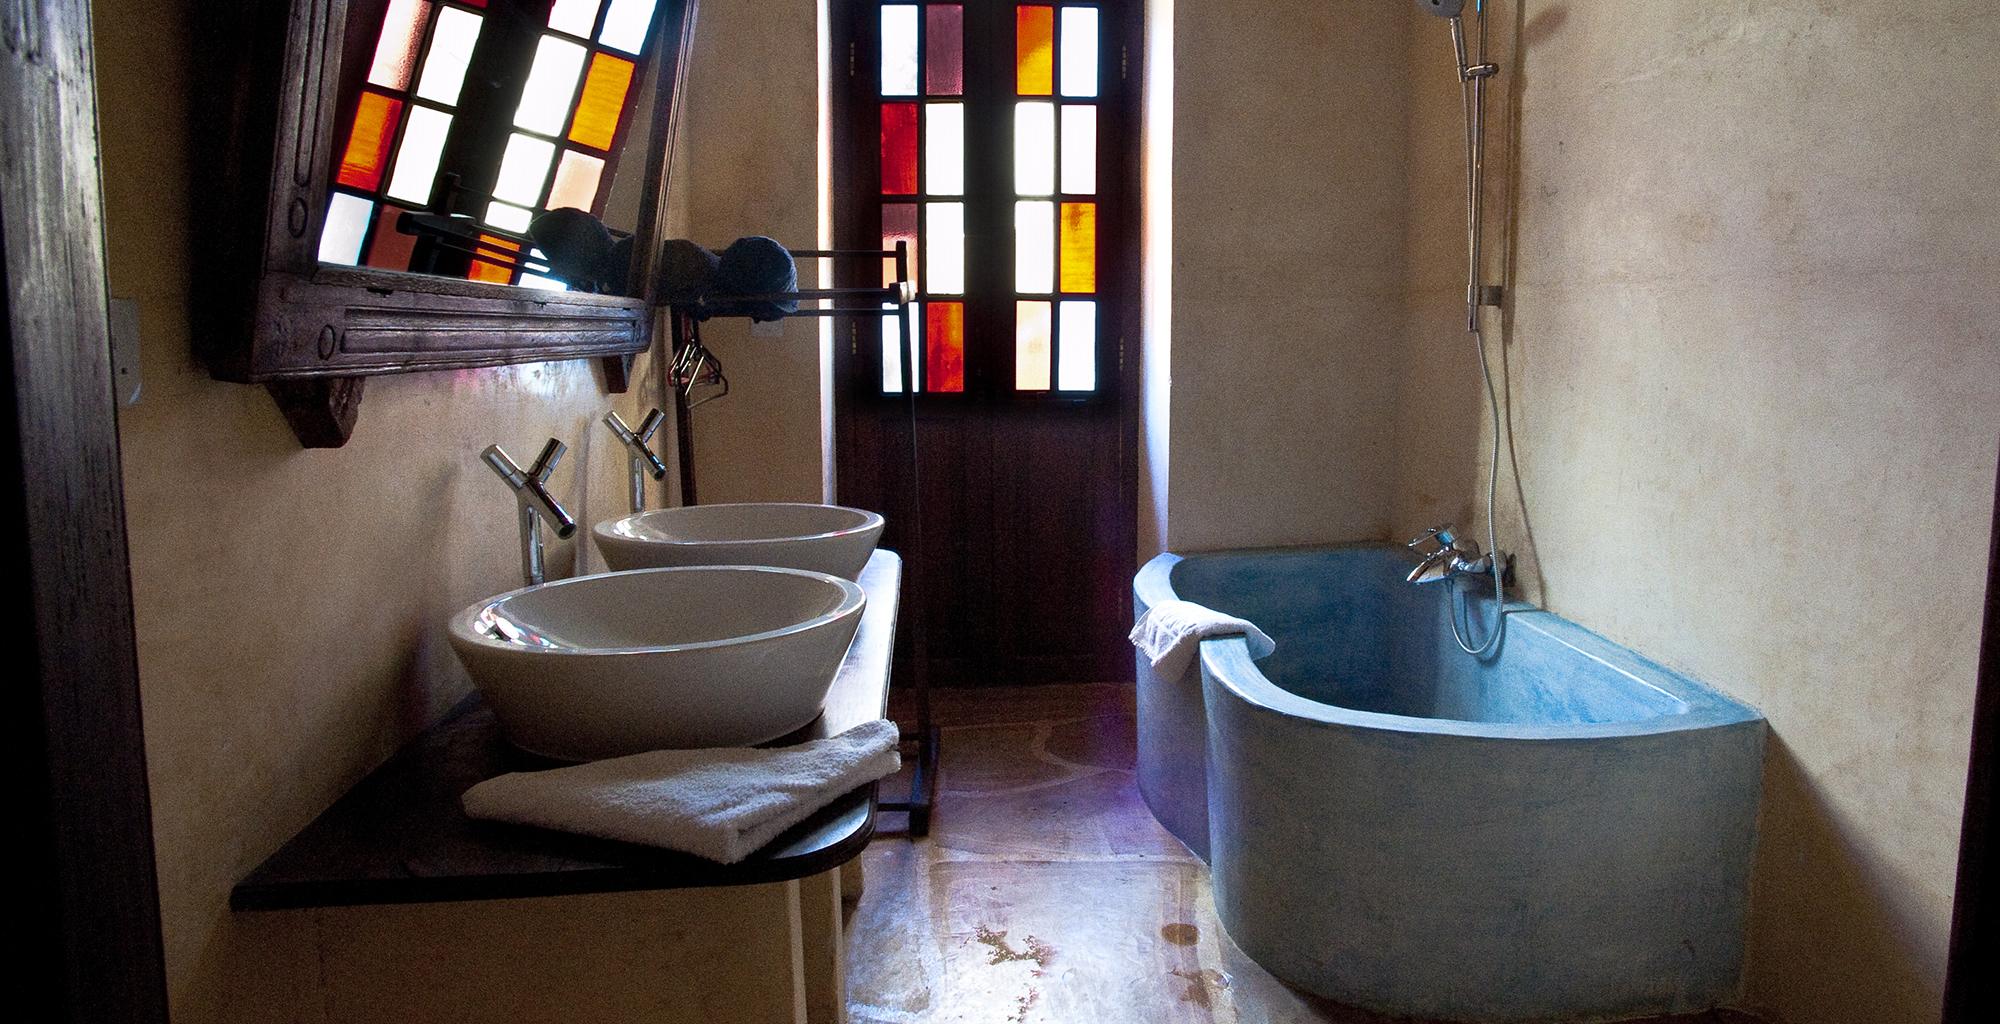 Tanzania-Emerson-Spice-Bathroom